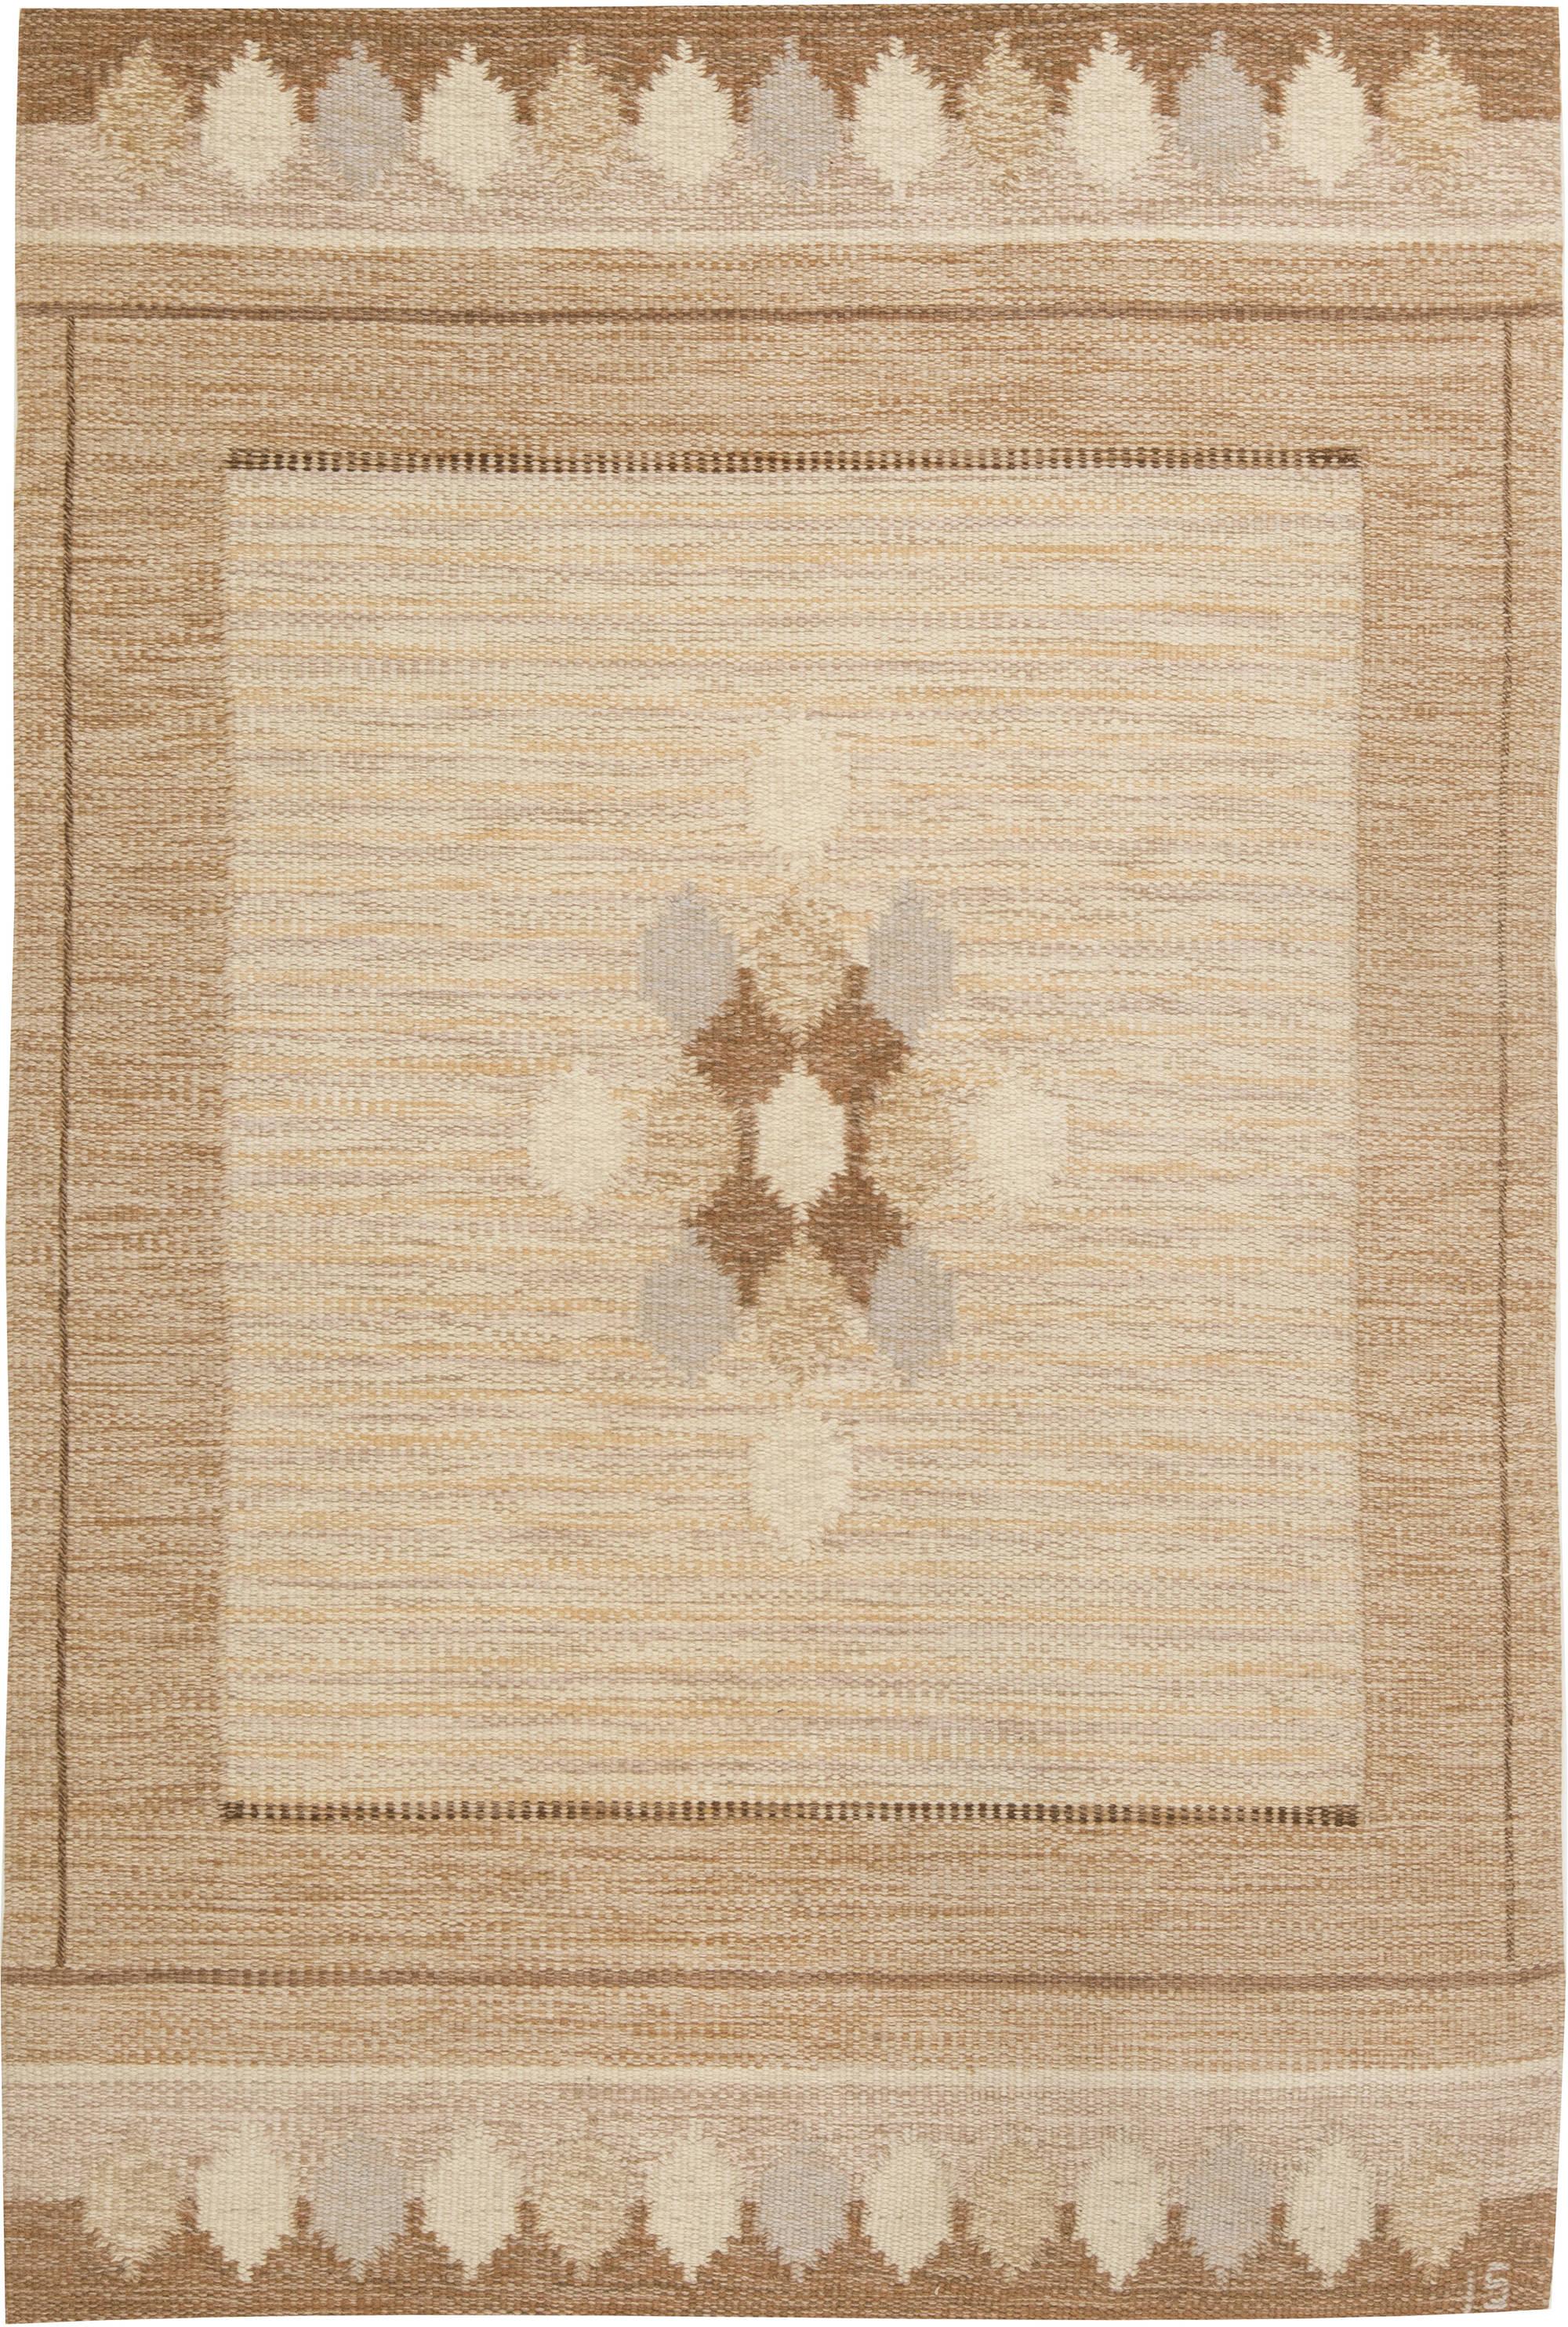 Swedish Flat Weave by Ingegerd Silow BB6314